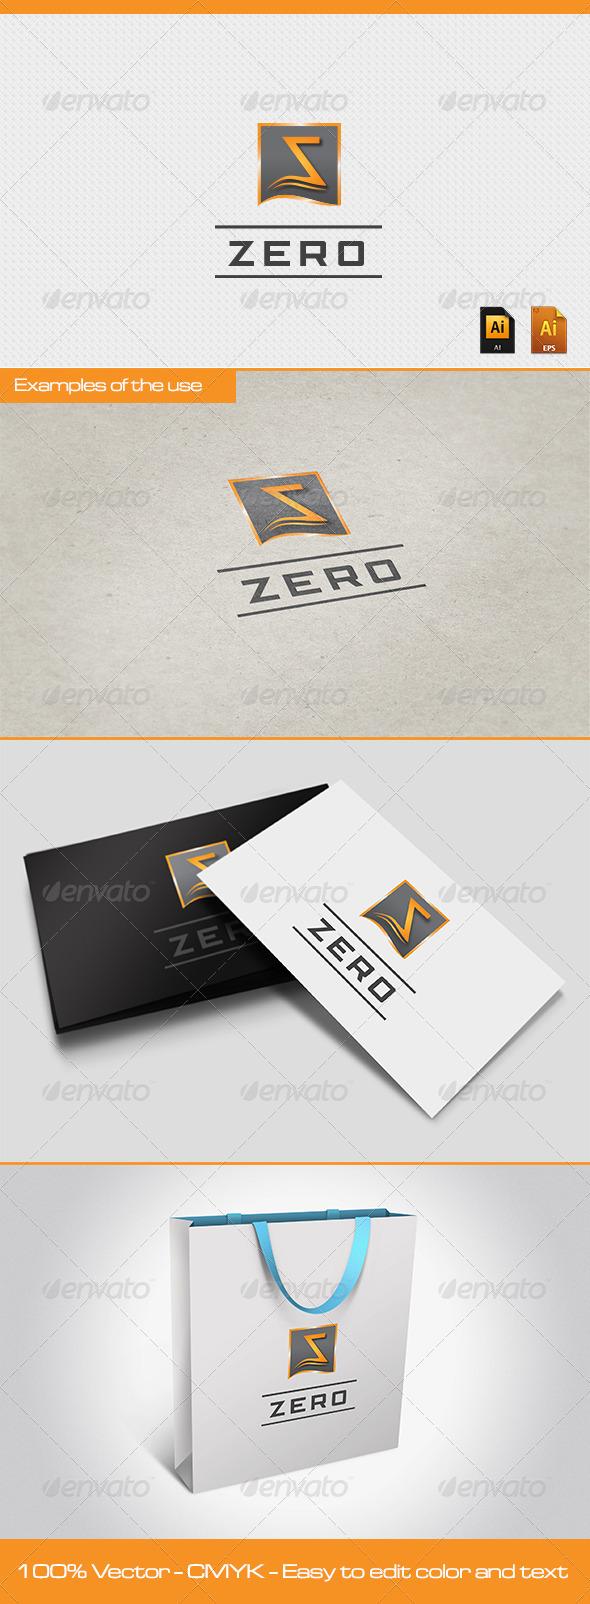 GraphicRiver ZERO Logo Template 2575148